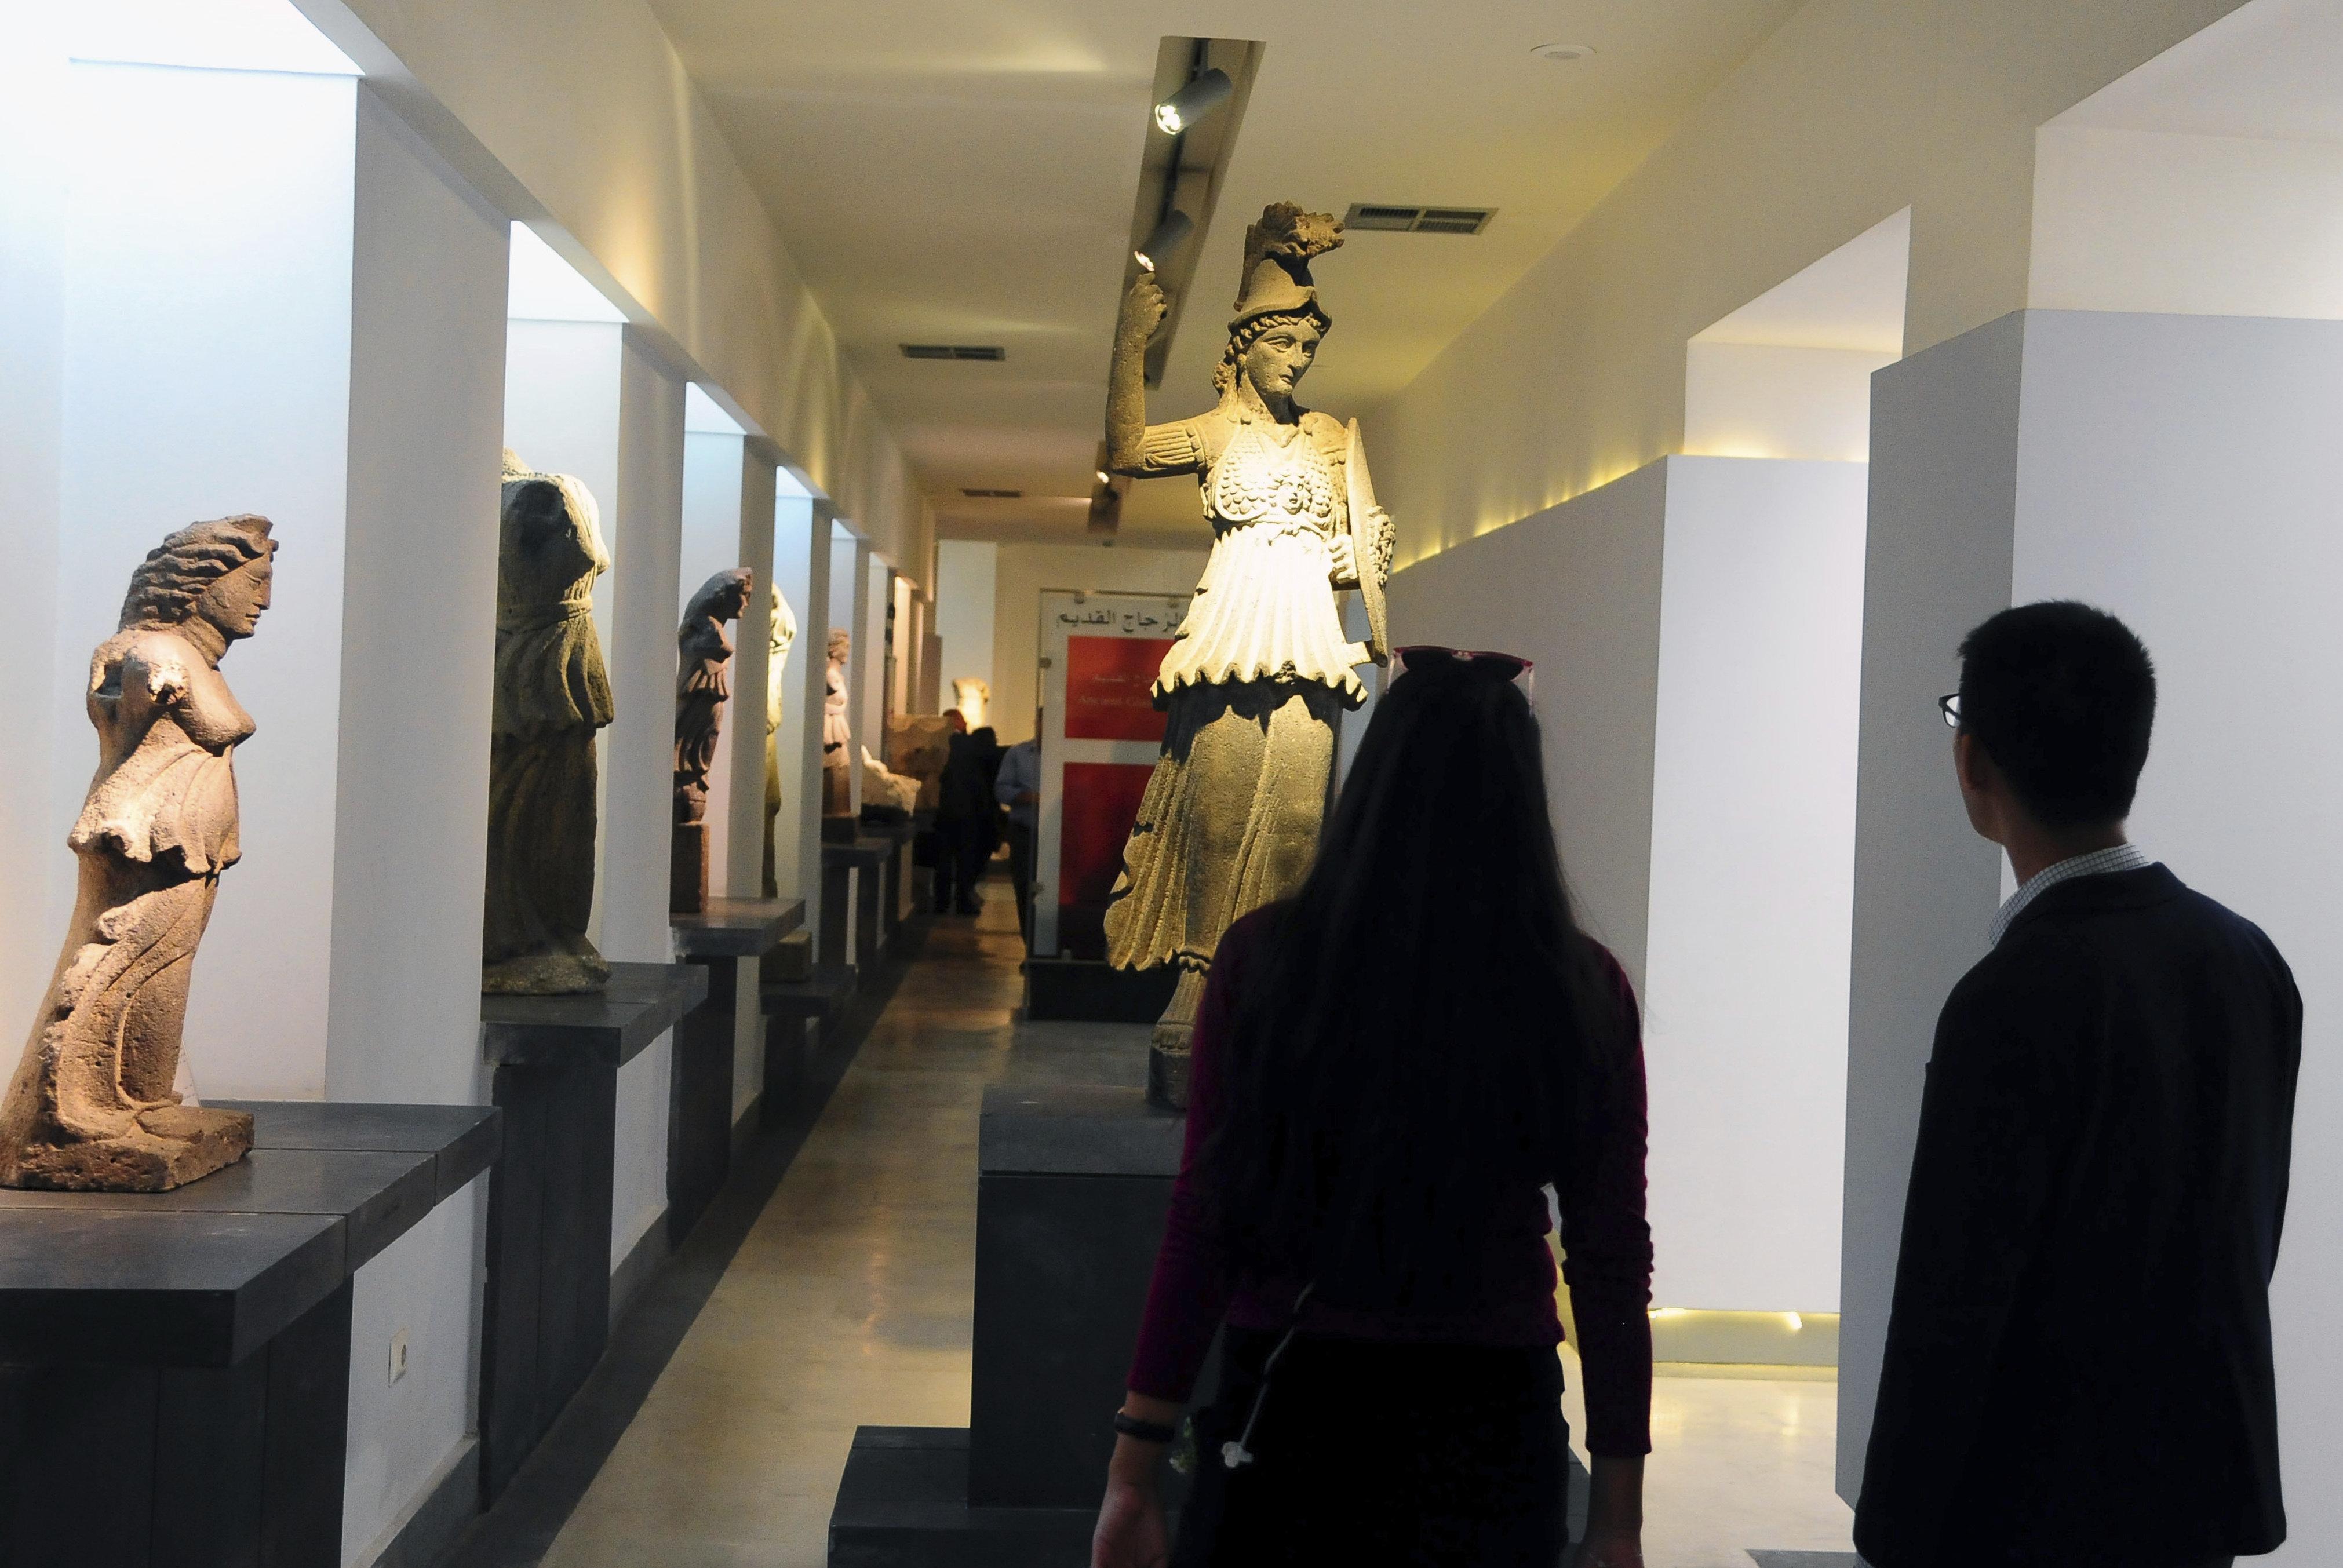 Άνοιξε για πρώτη φορά μετά από επτά χρόνια το Εθνικό Μουσείου της Συρίας με τις μοναδικές αρχαιότητες (pics)